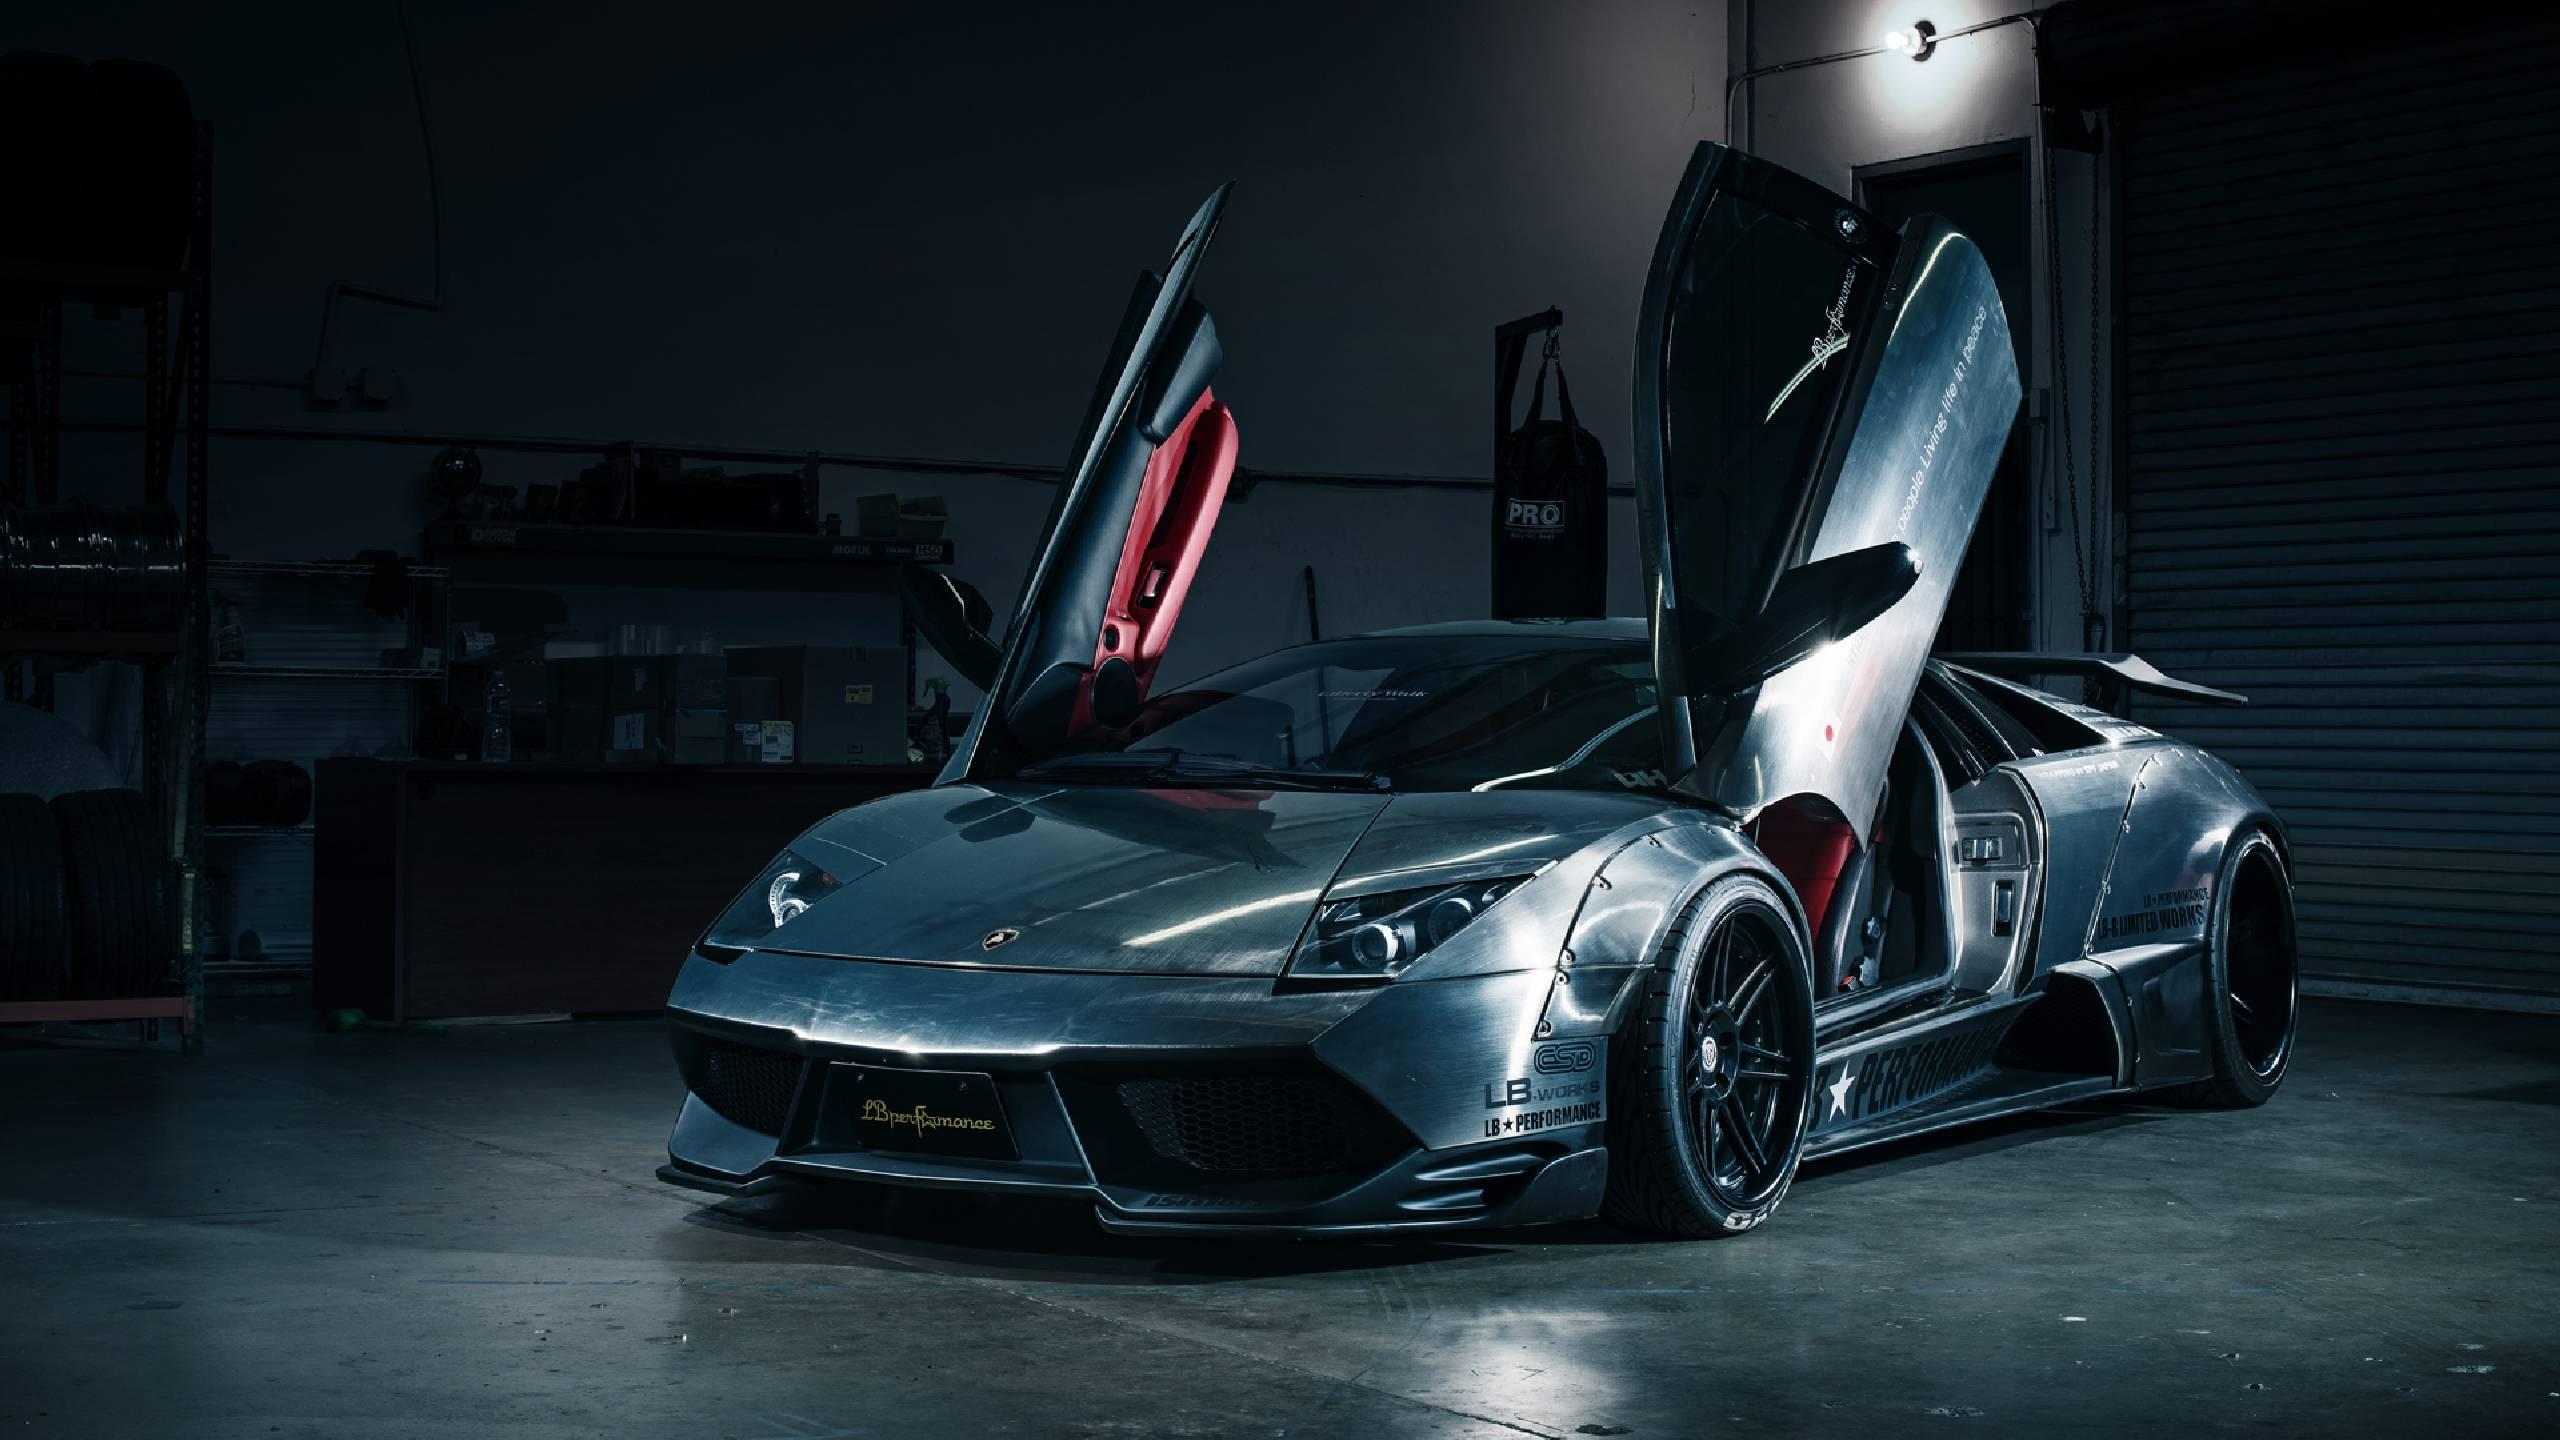 Lamborghini Wallpapers Wallpaper Cave